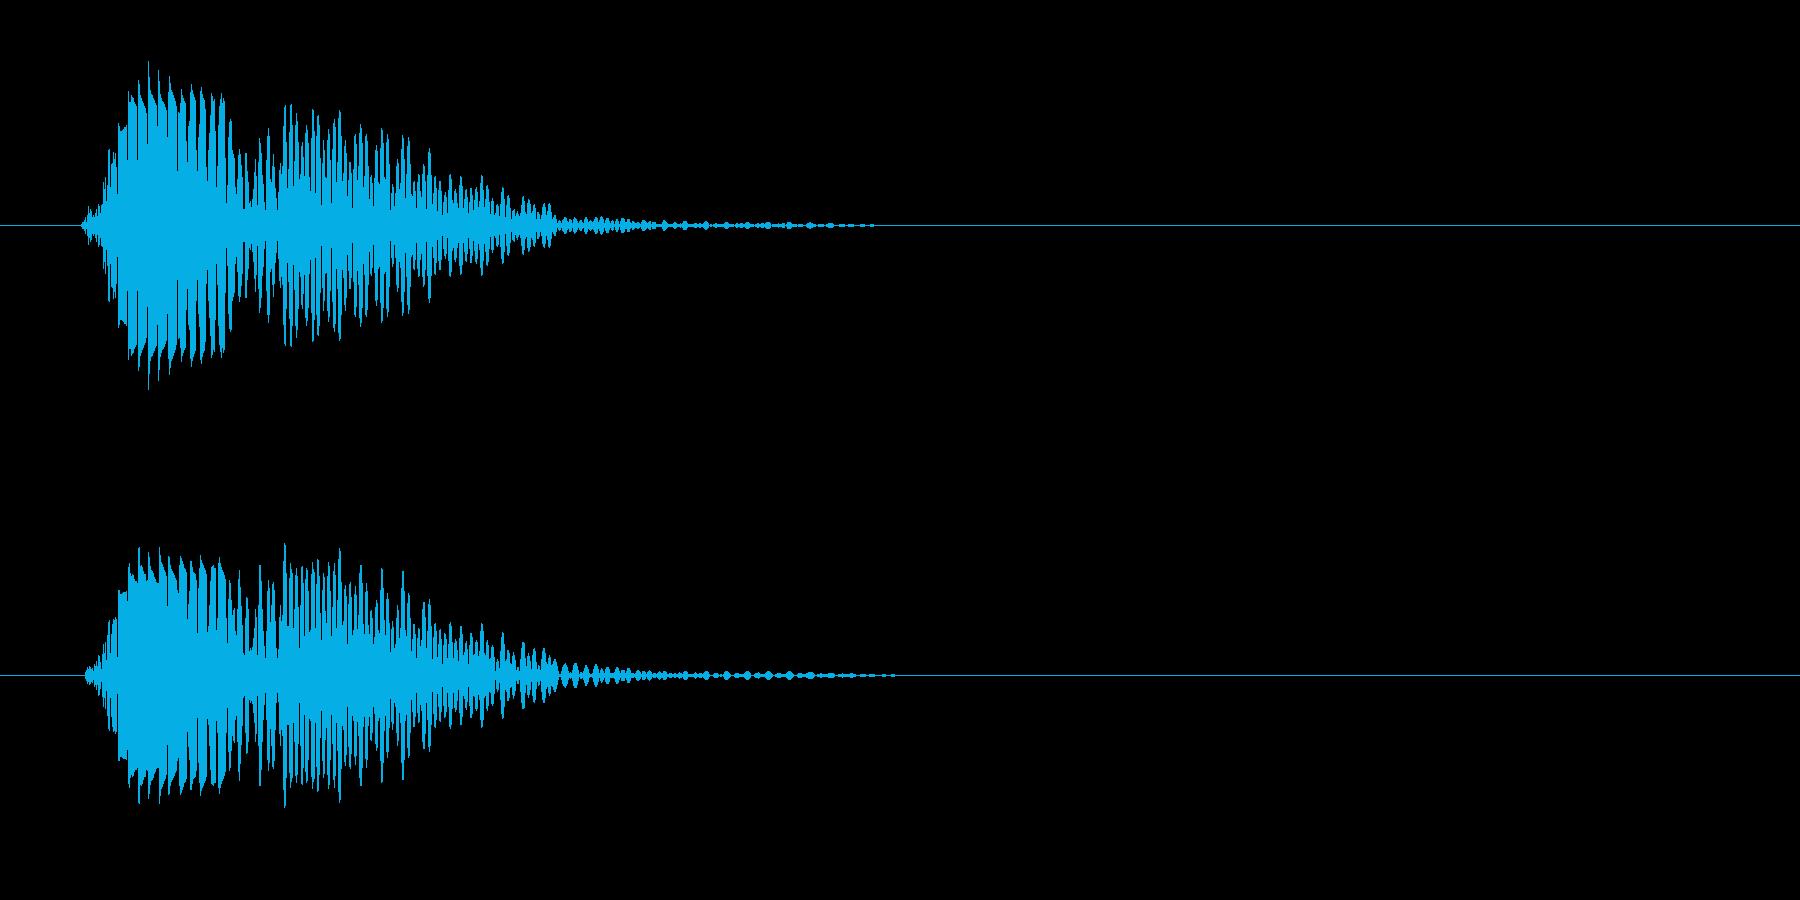 ポヨン(短いはじける音)の再生済みの波形